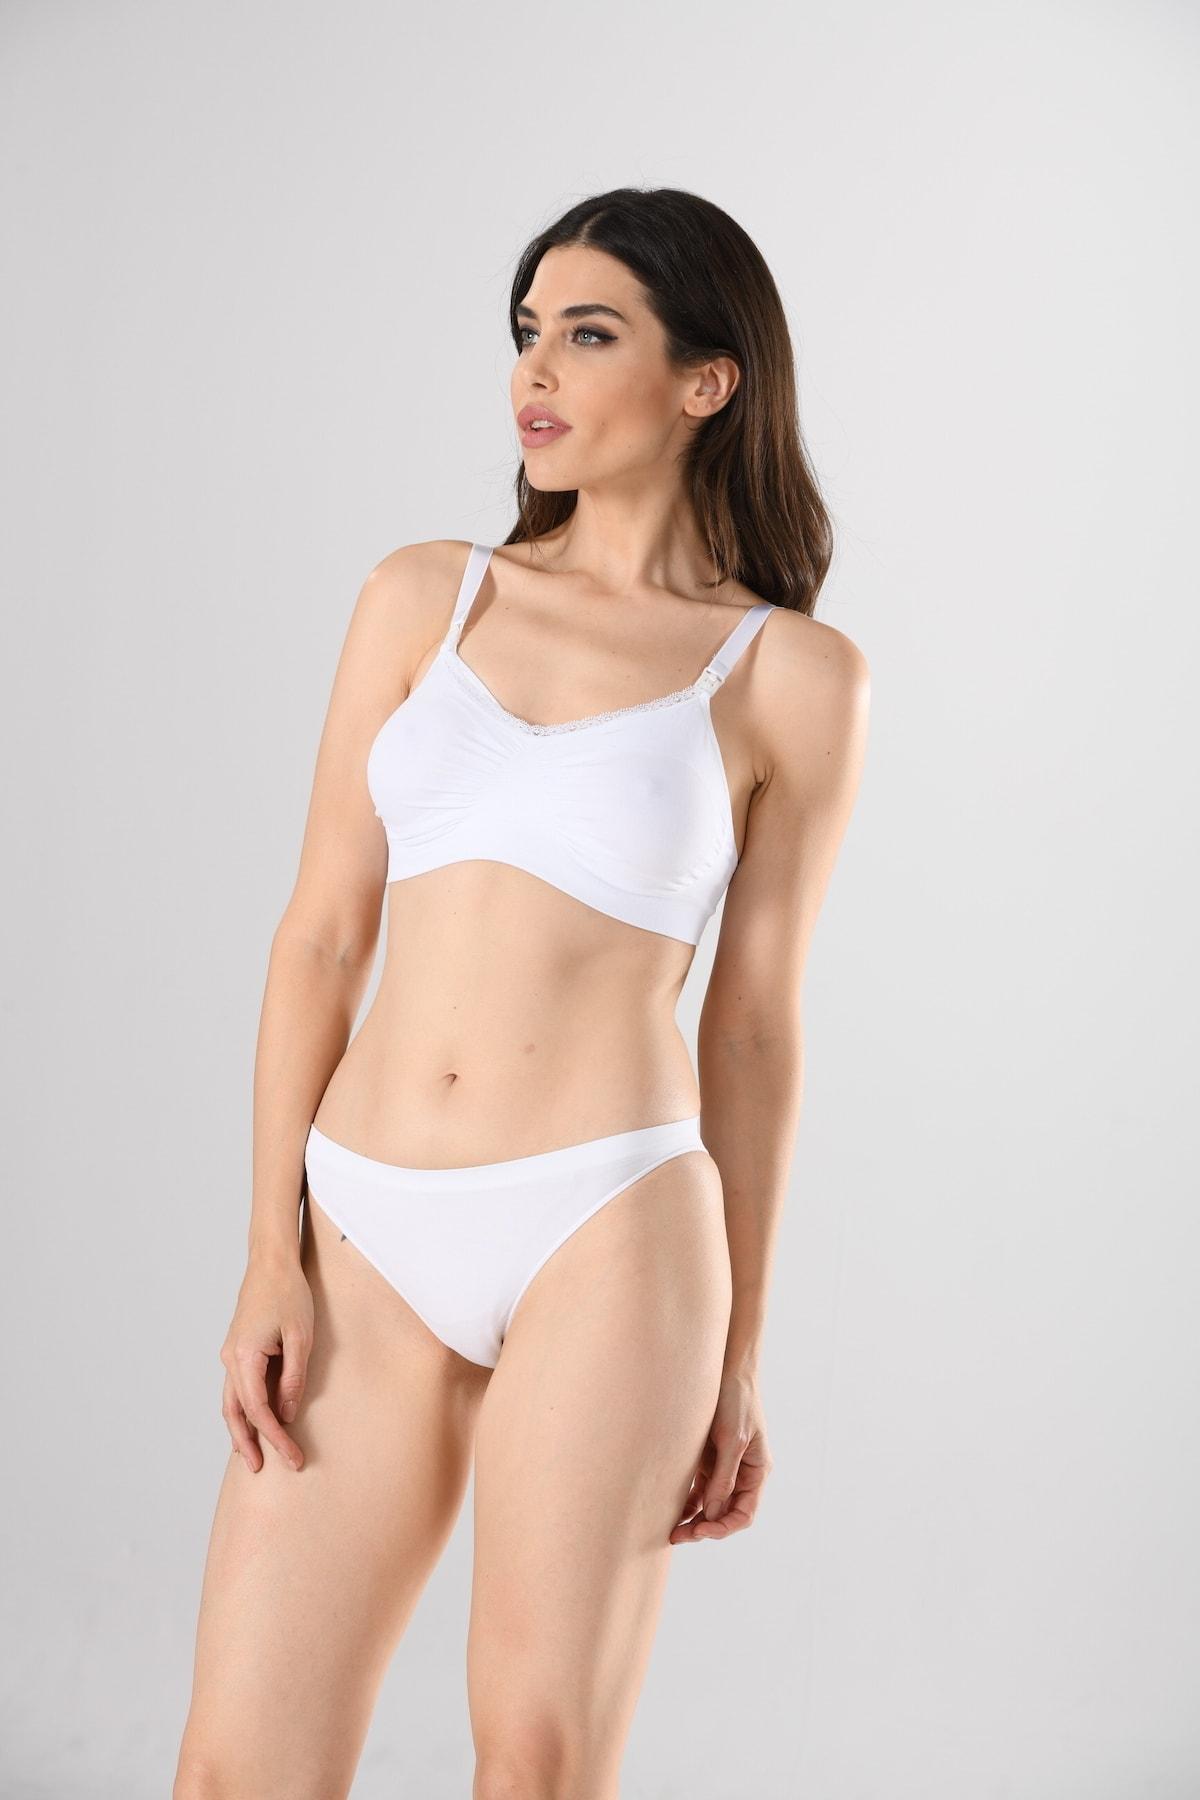 Women's V Neck Nursing Bra White Knitted Seamless Seamless Soft Basic enlarge